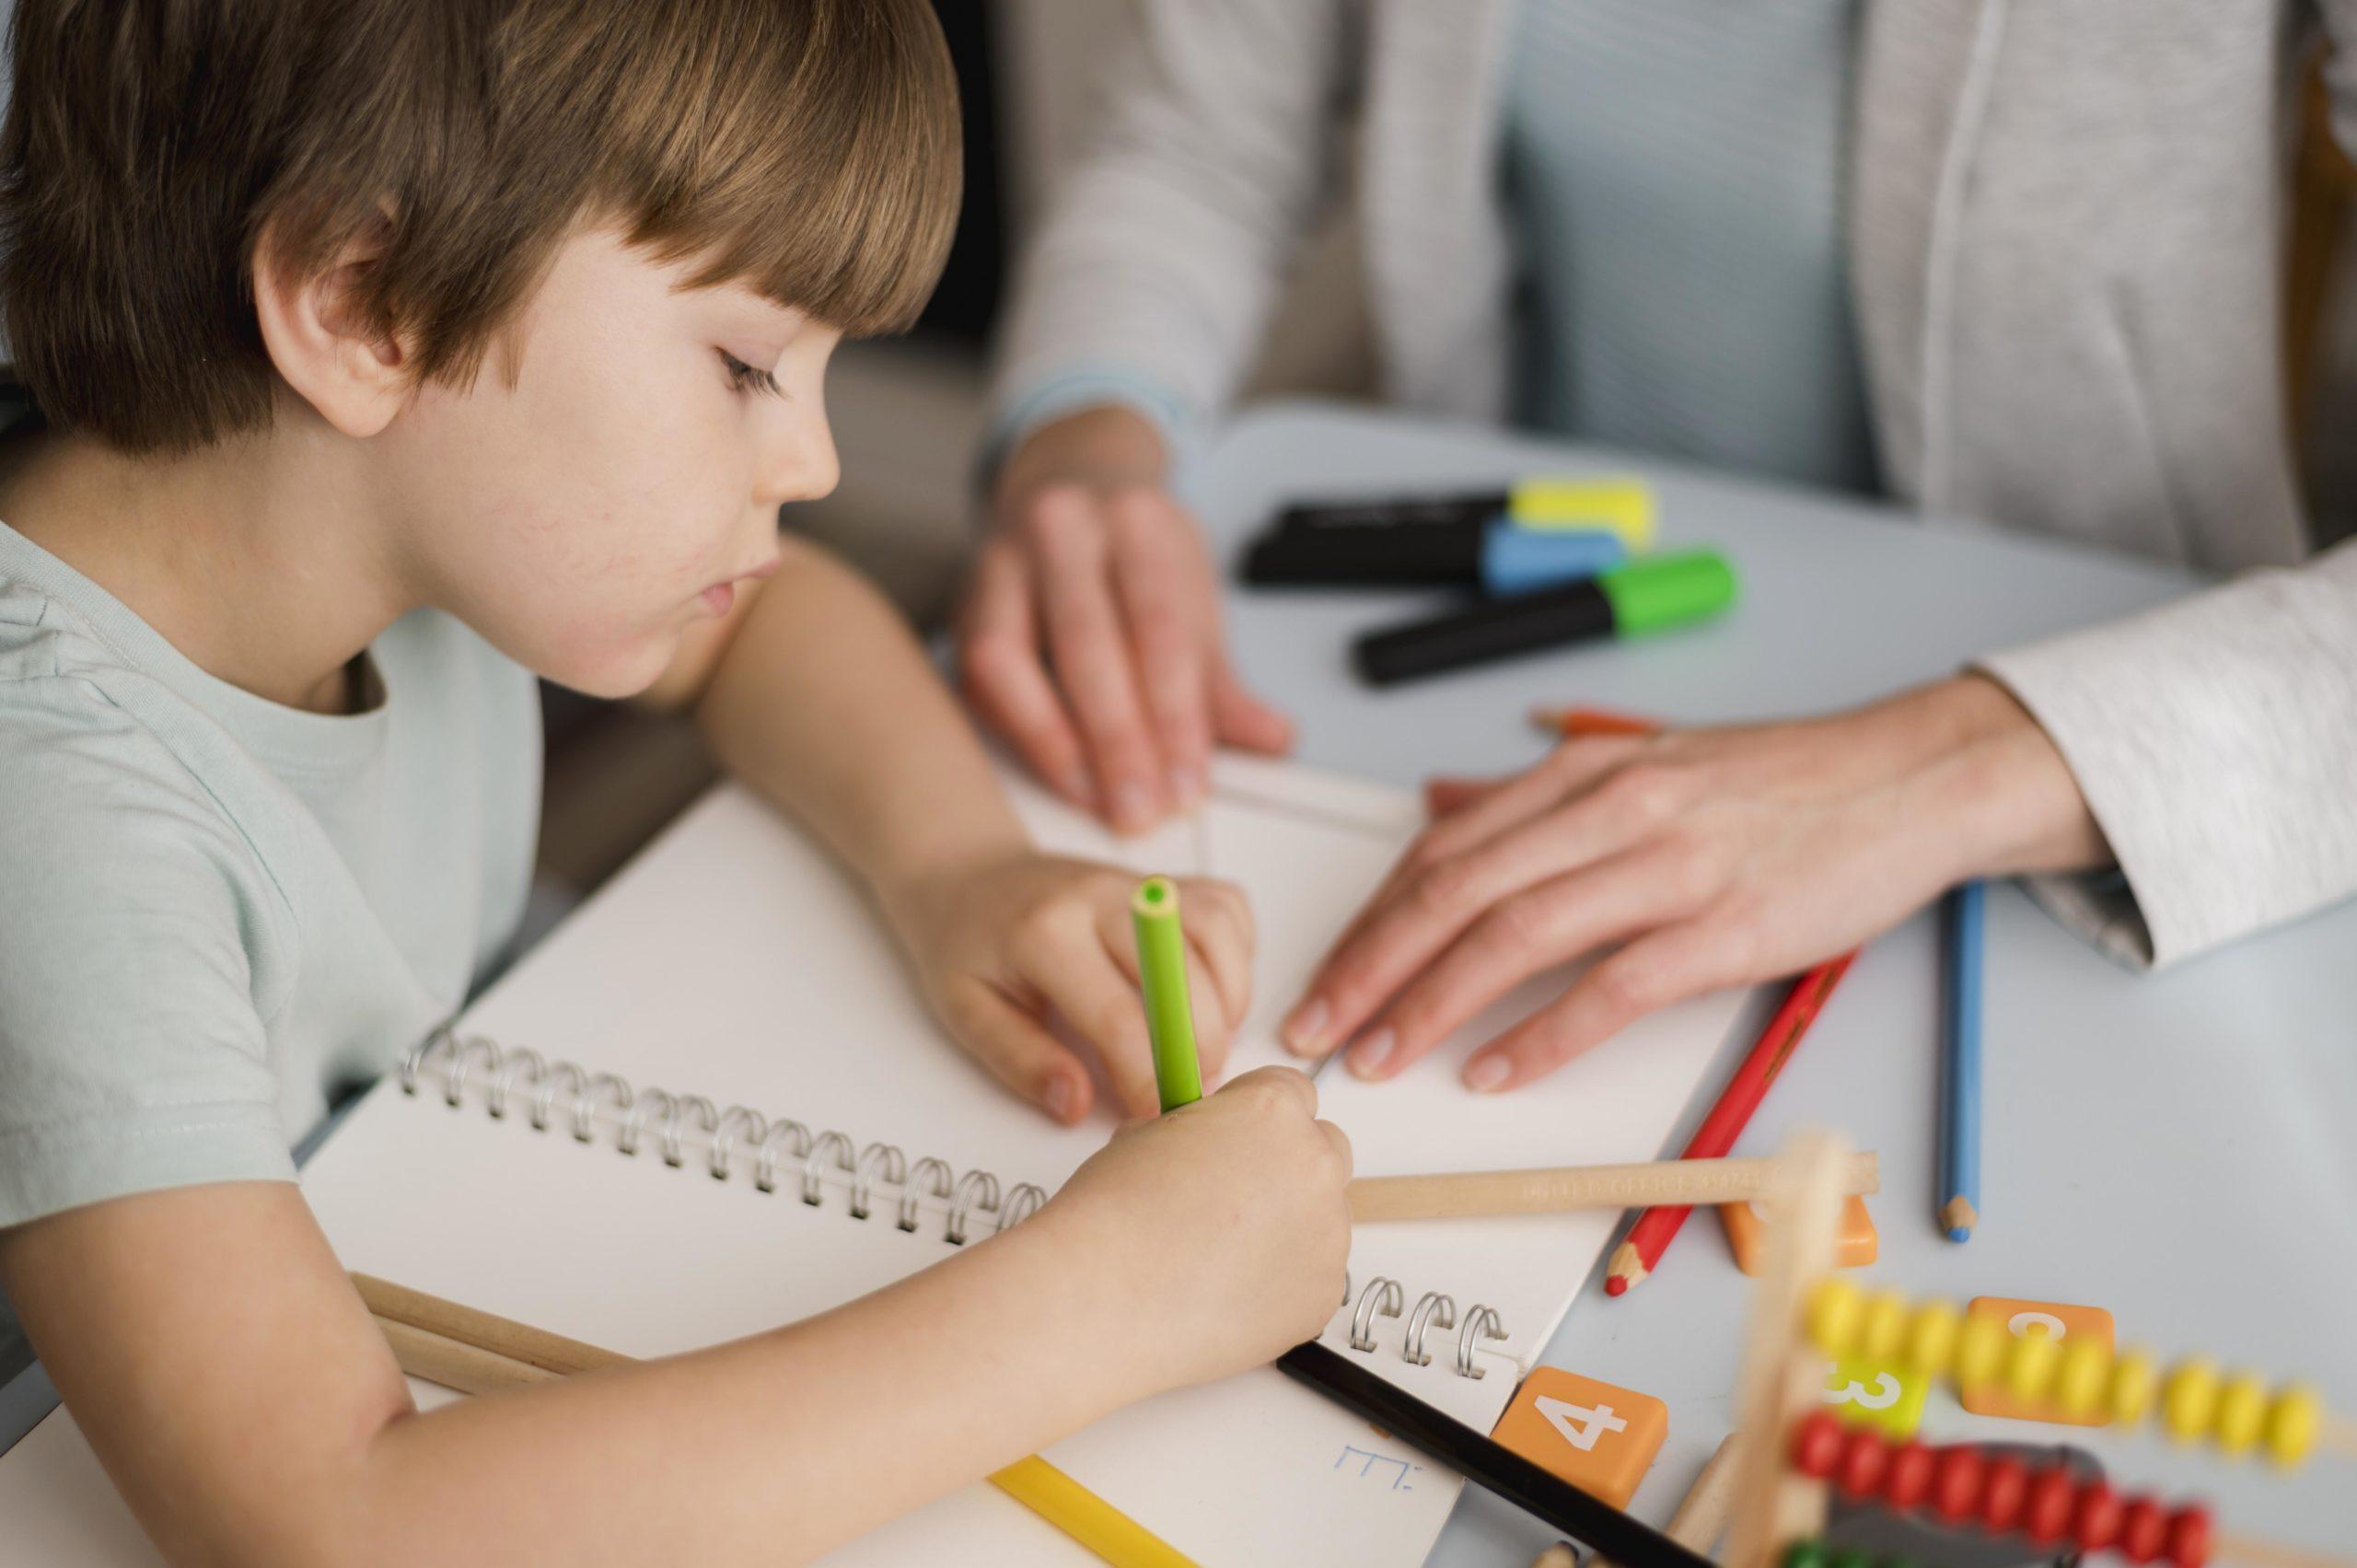 新型コロナウィルスによる休校期間で心配される学力格差。それよりも気に掛けたい格差はこれ。